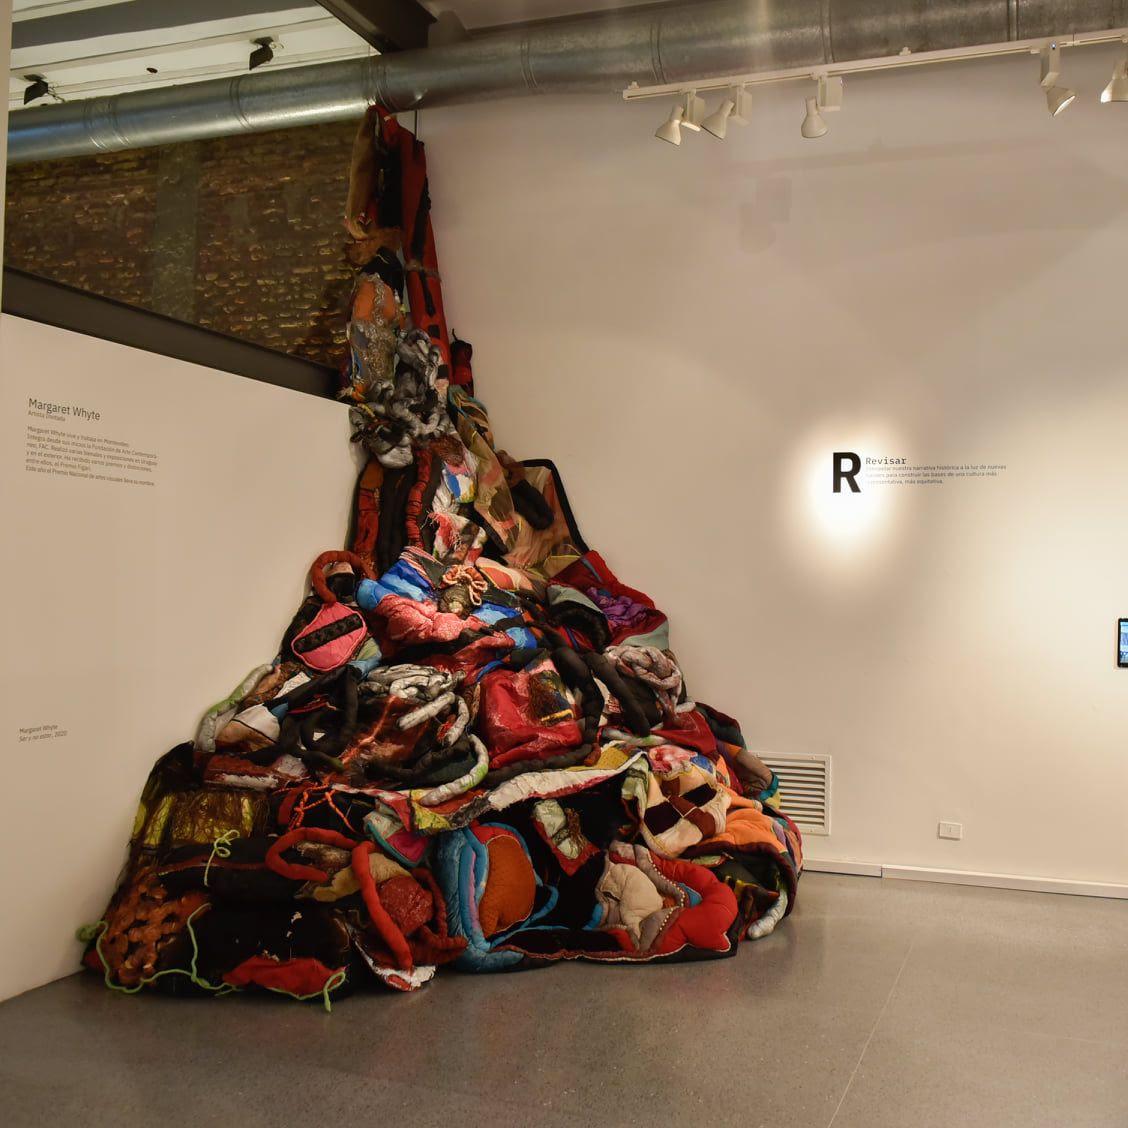 Margaret Whytees la primera artista invitada a participar del HUB en el marco de la exposiciónR.I.P